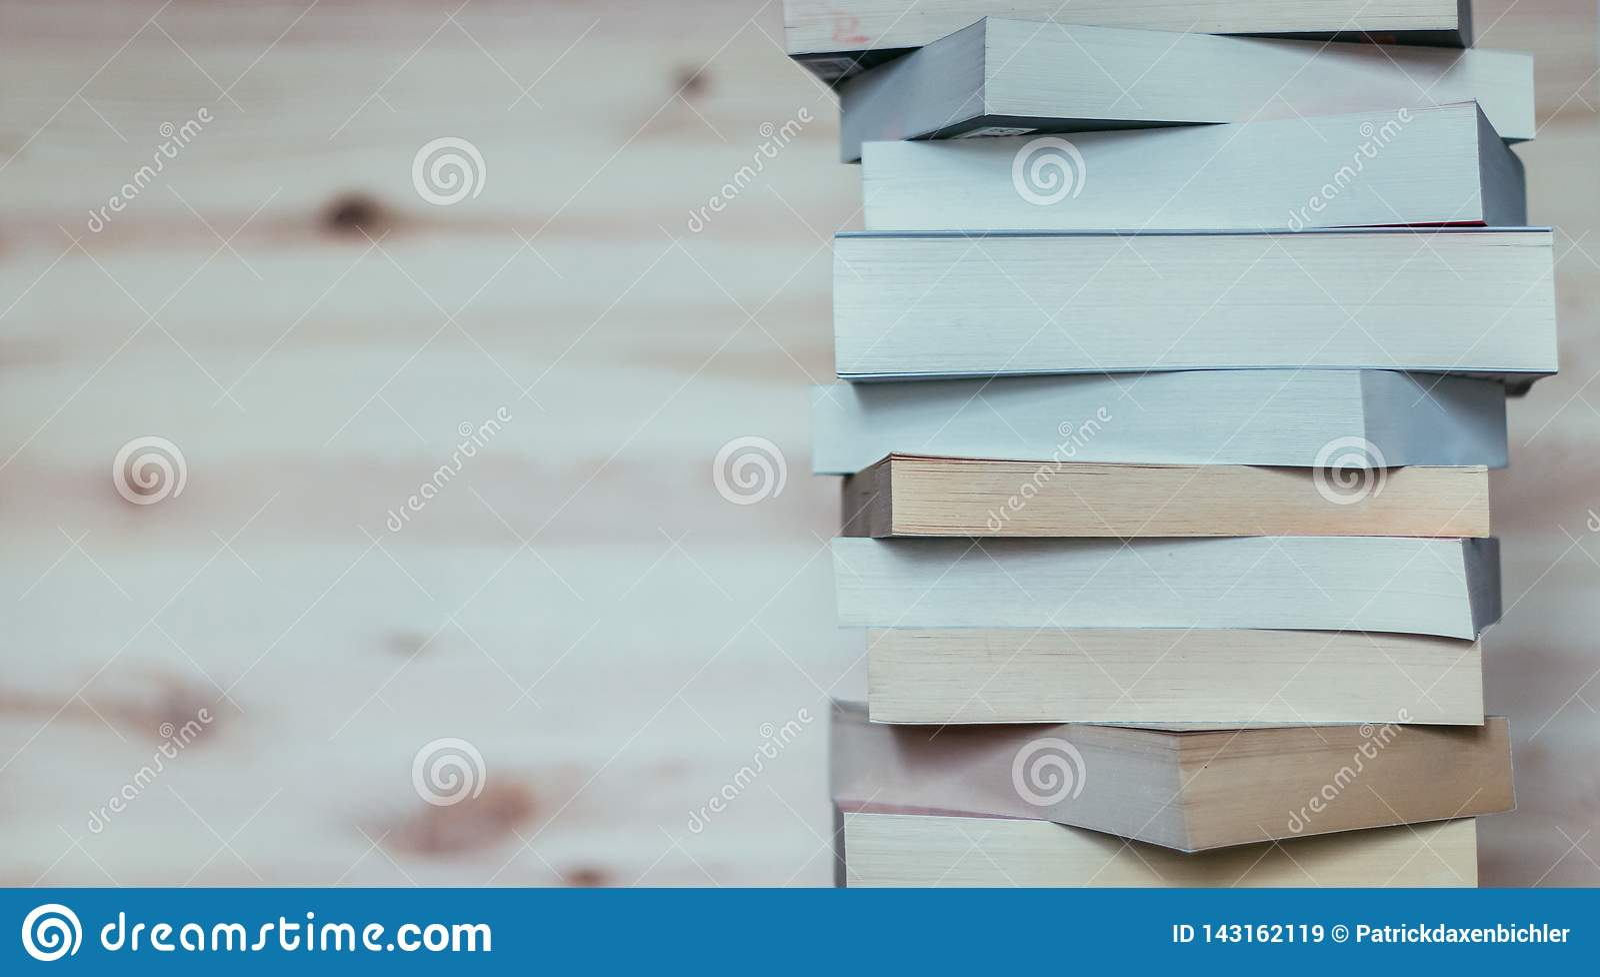 Literatura para el estudio: Pila de libros en el tablero de madera